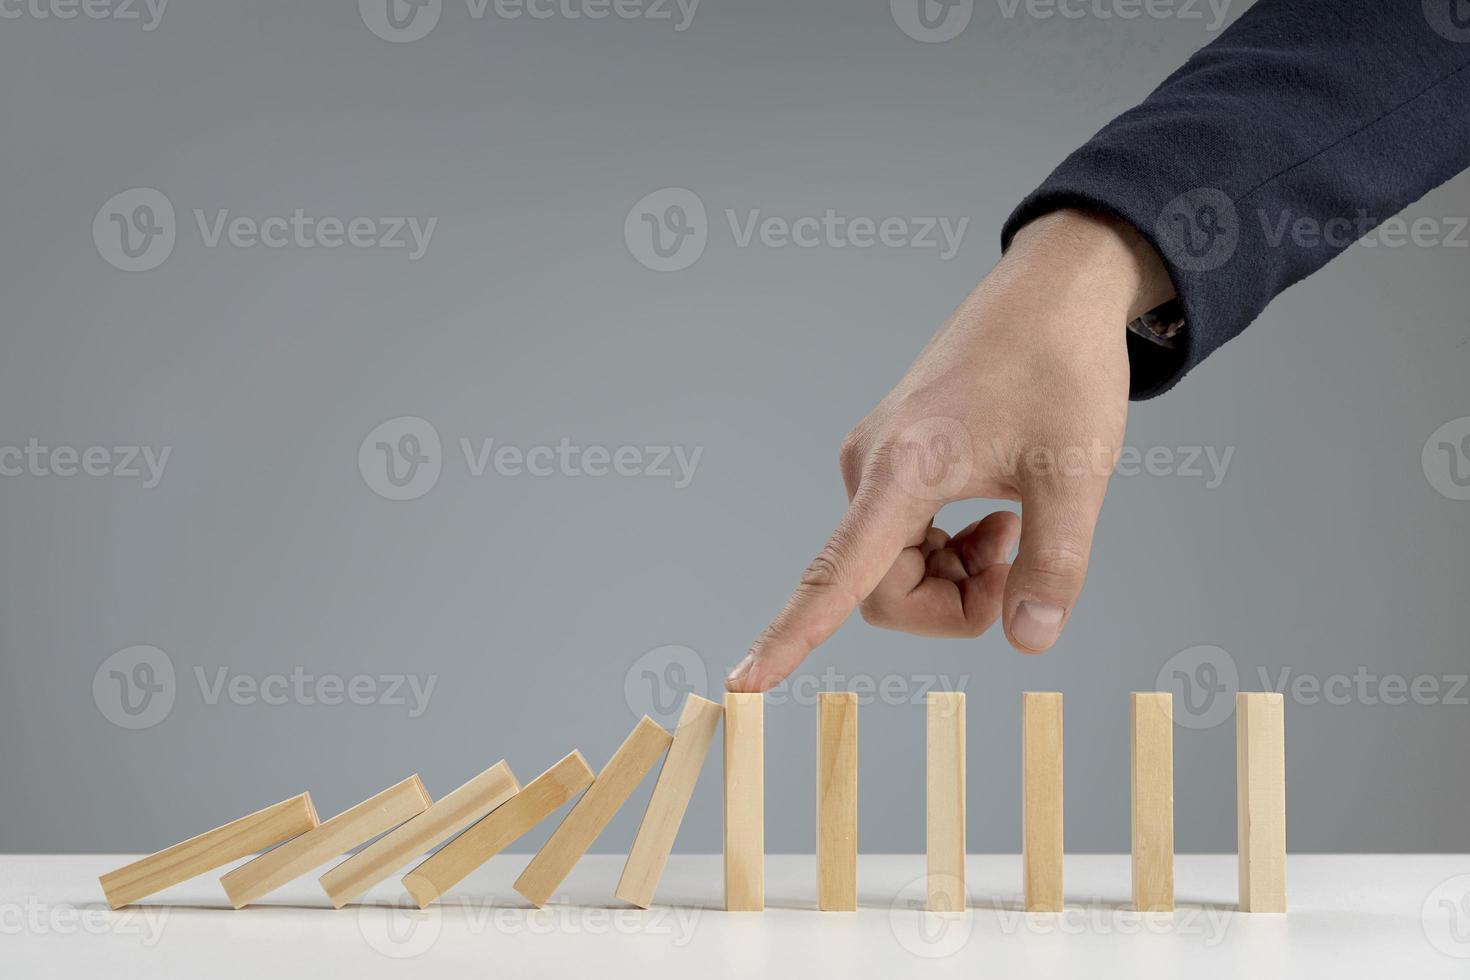 blocchi di legno ad alto angolo disposti a mano su sfondo neutro foto